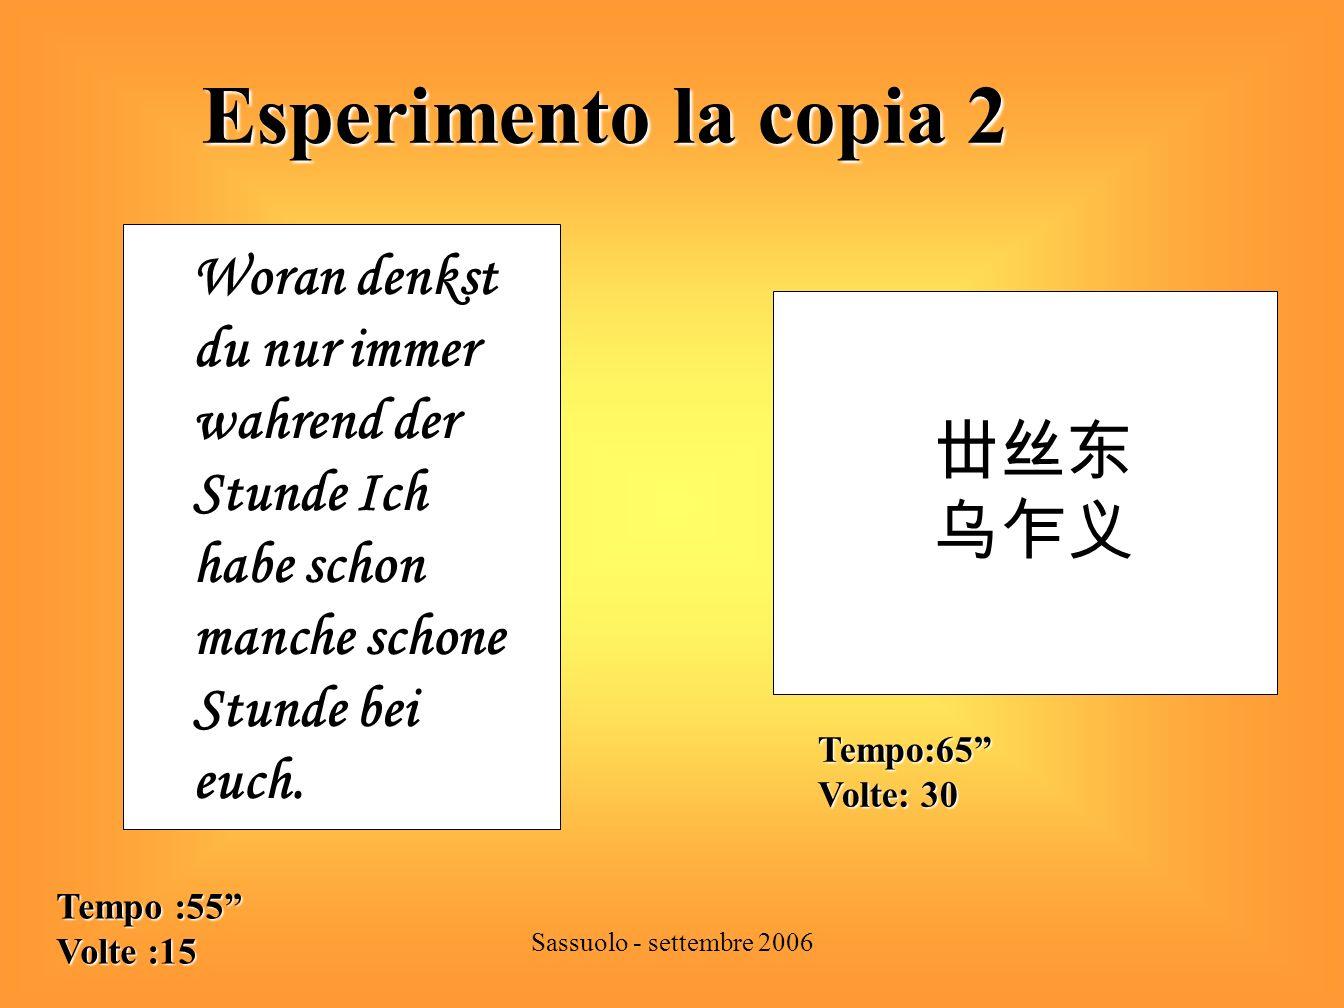 Esperimento la copia 2 丗丝东 乌乍义 Woran denkst du nur immer wahrend der